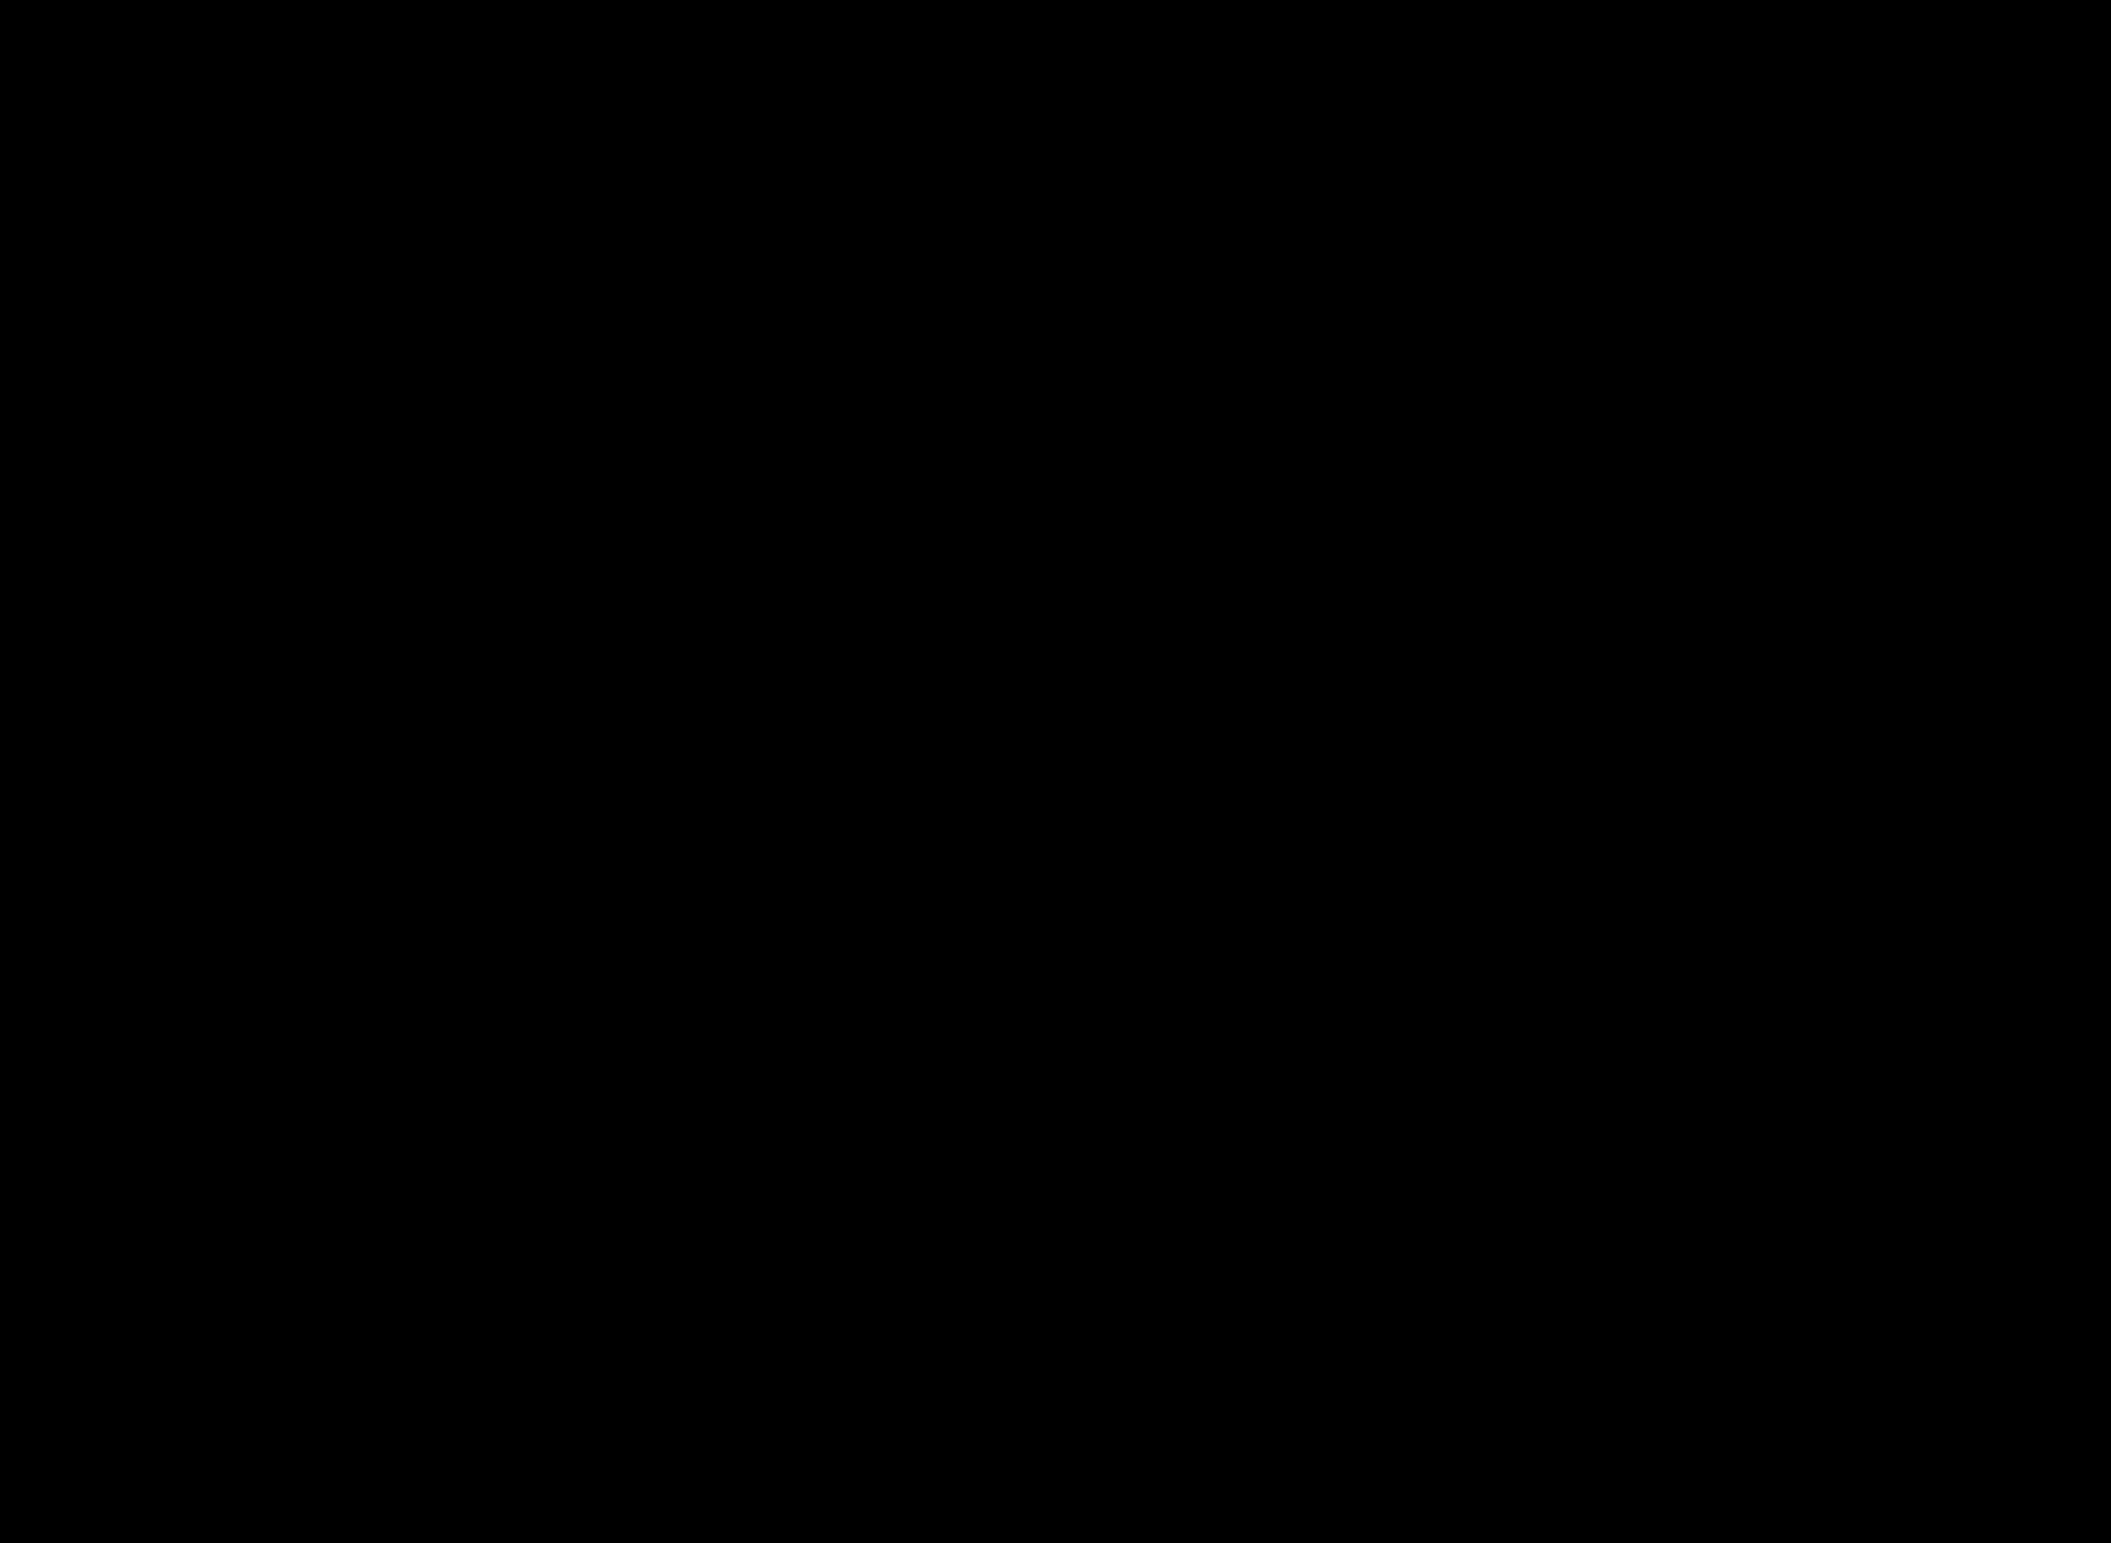 Soca Trout flyfishing logo 2021-01 (2)